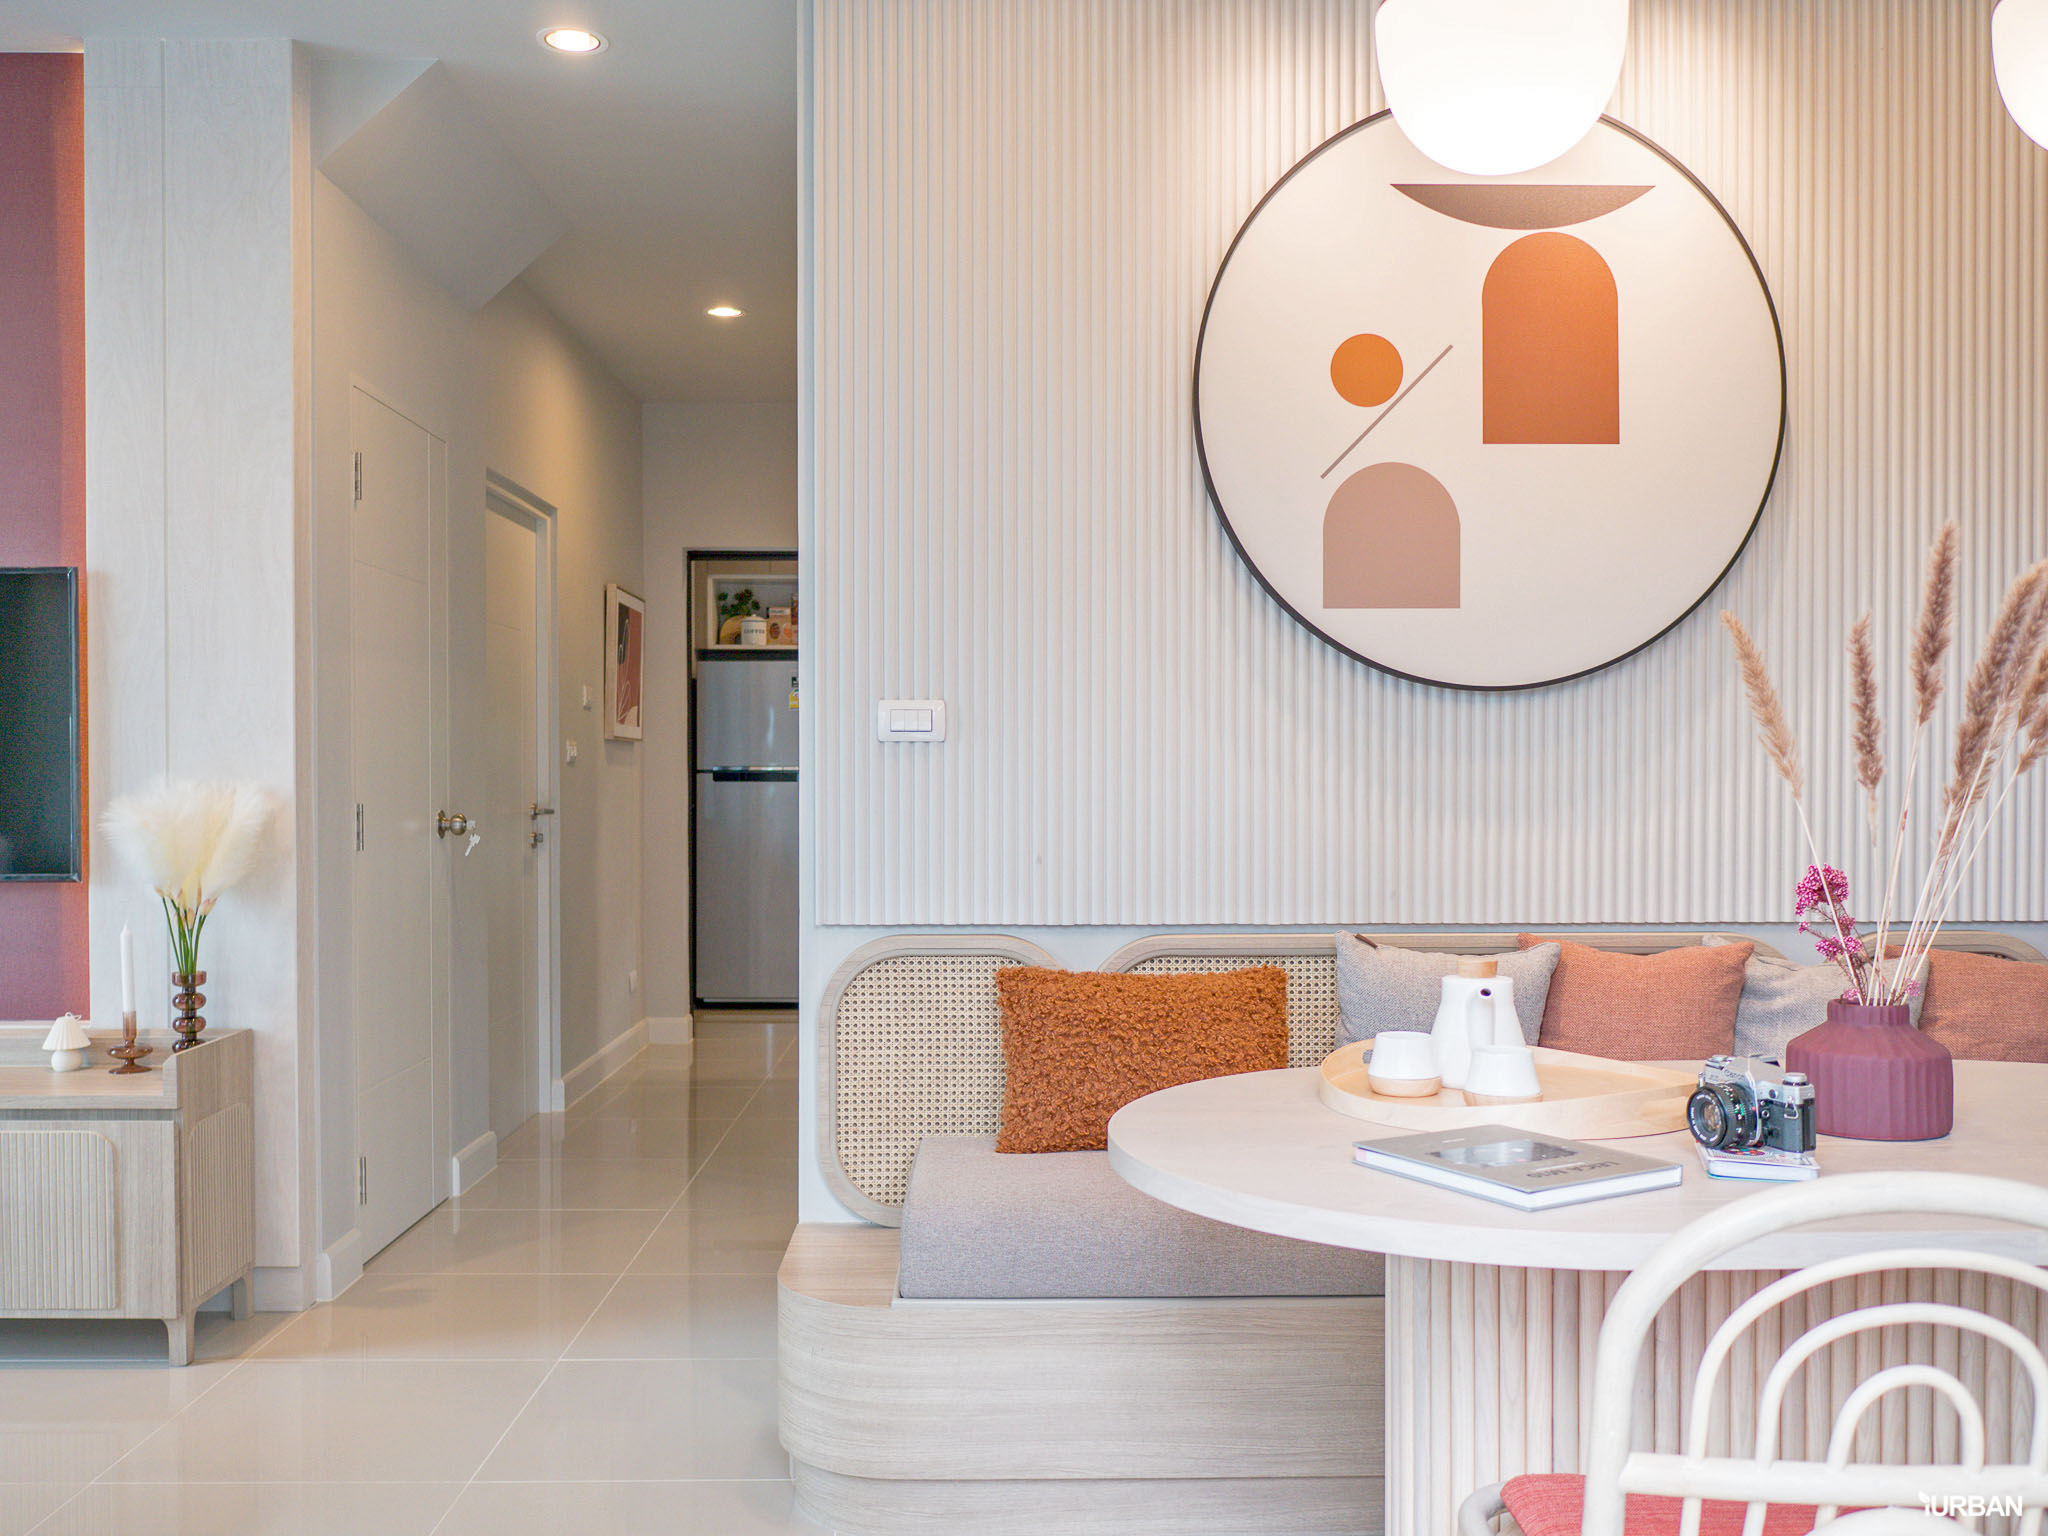 รีวิว อณาสิริ ชัยพฤกษ์-วงแหวน เมื่อแสนสิริออกแบบบ้านใหม่ Feel Just Right ใช้งานได้ลงตัว 31 - Anasiri